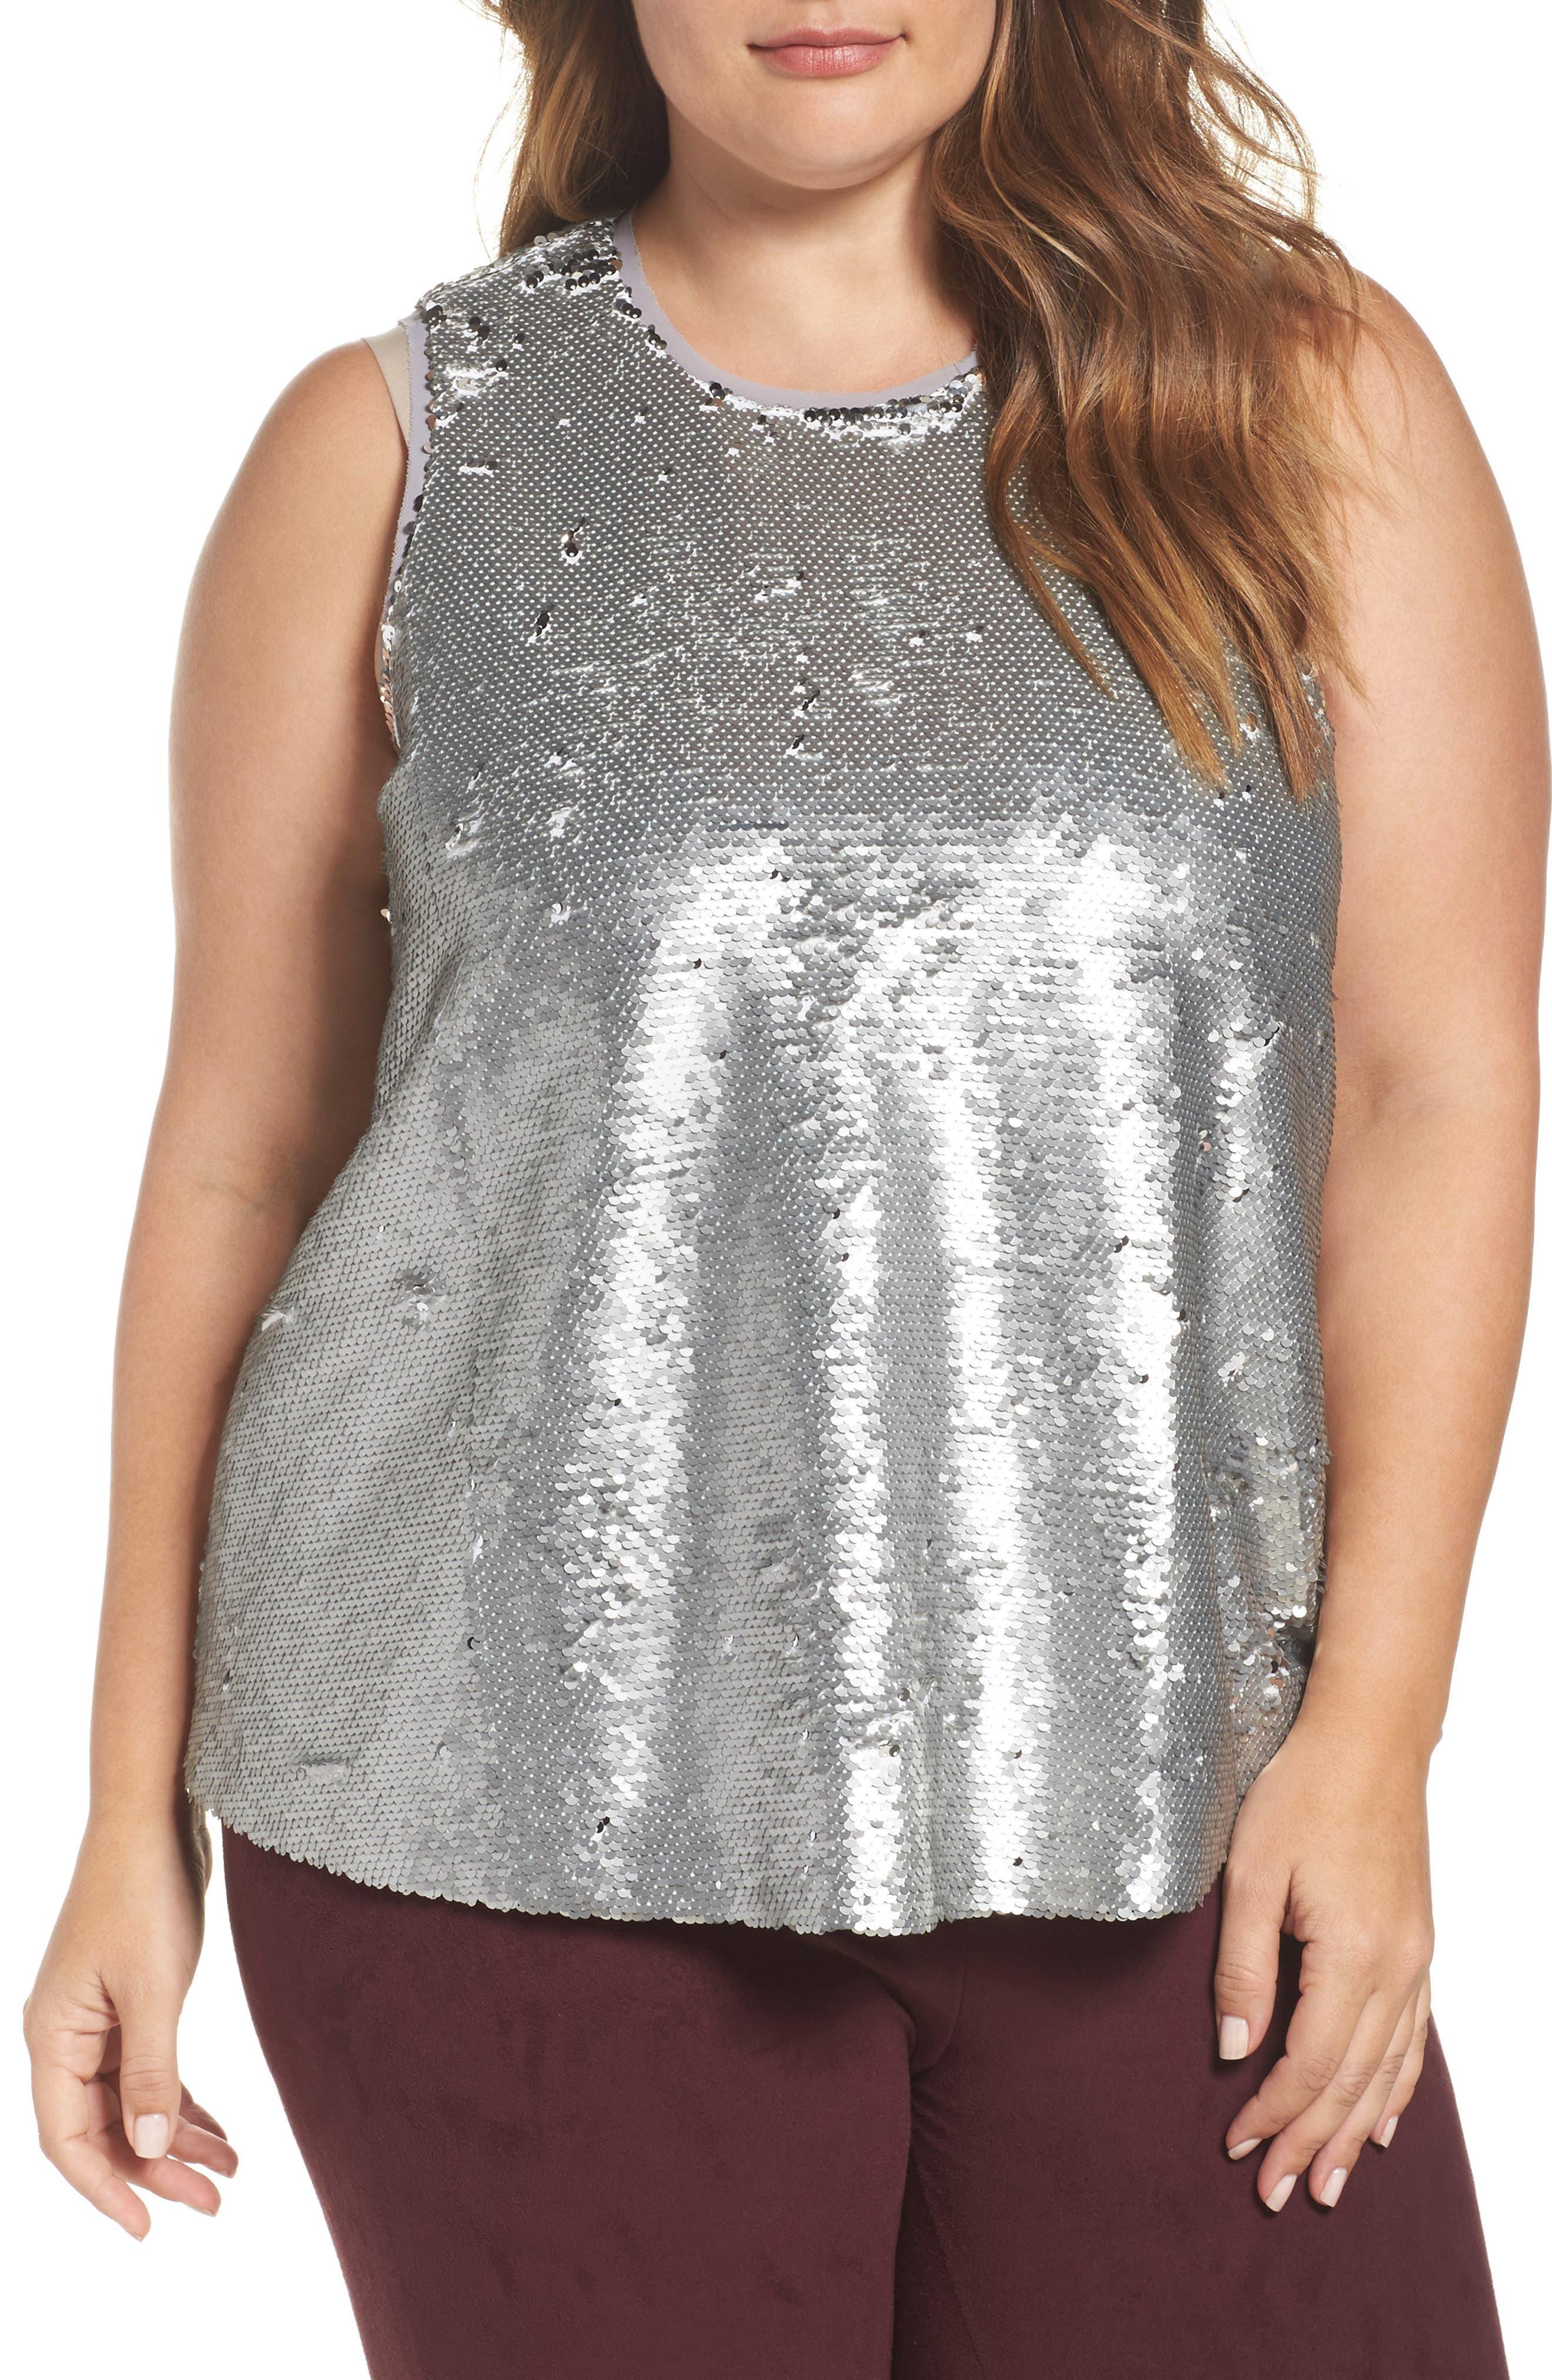 Alternate Image 1 Selected - RACHEL Rachel Roy Sequin Top (Plus Size)